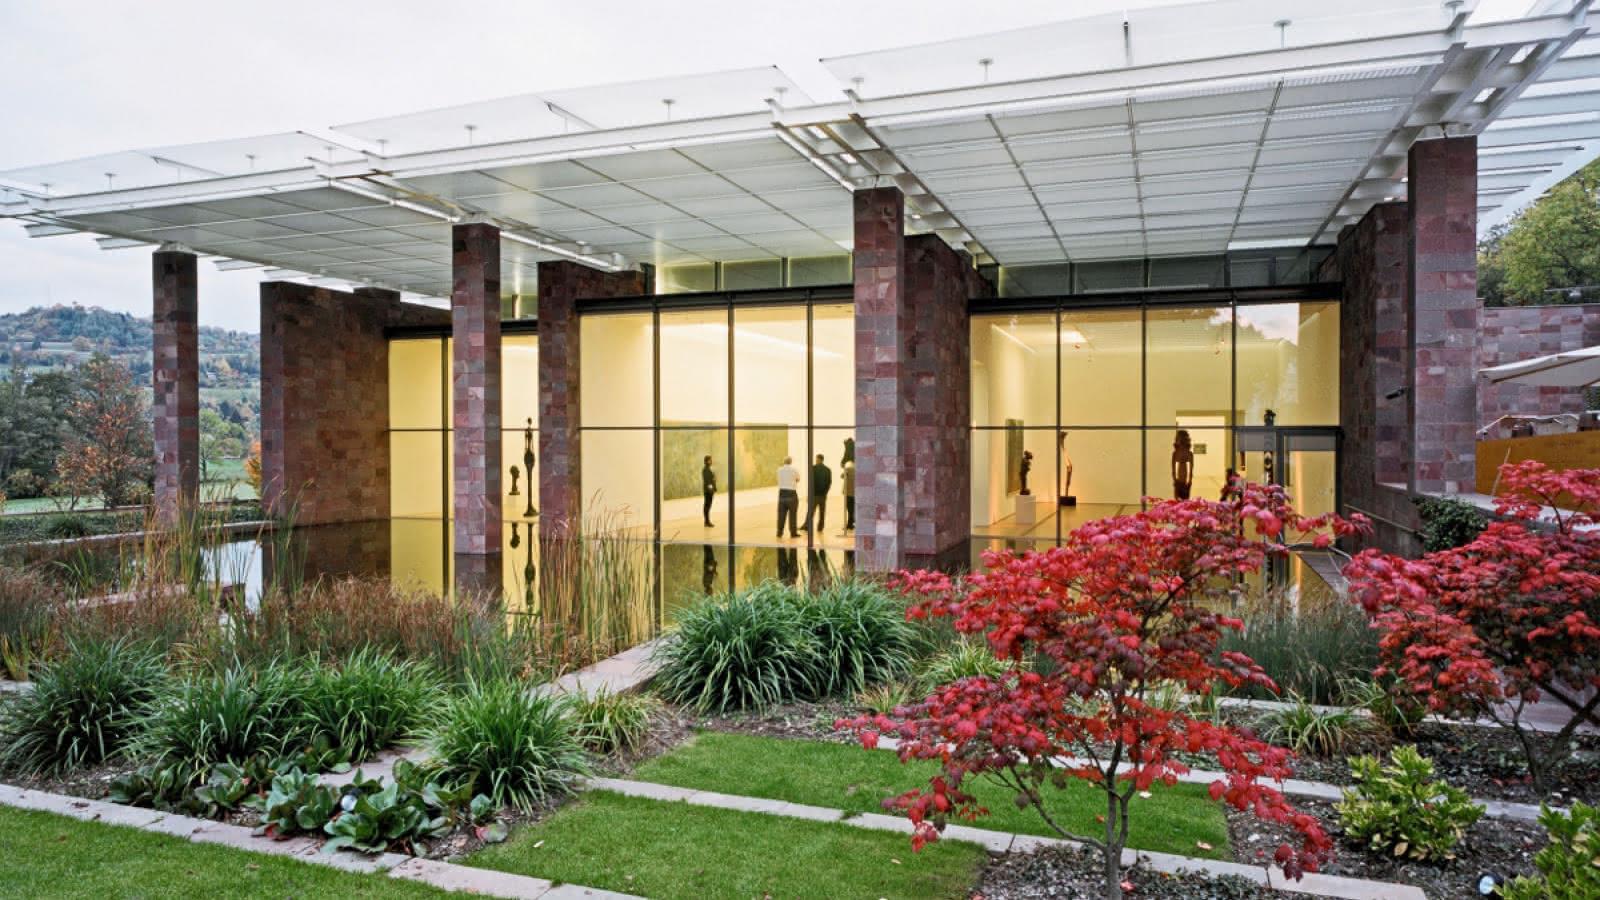 Uno spazio di armoniosa coesistenza: l'installazione di Olafur Eliasson alla Fondation Beyeler